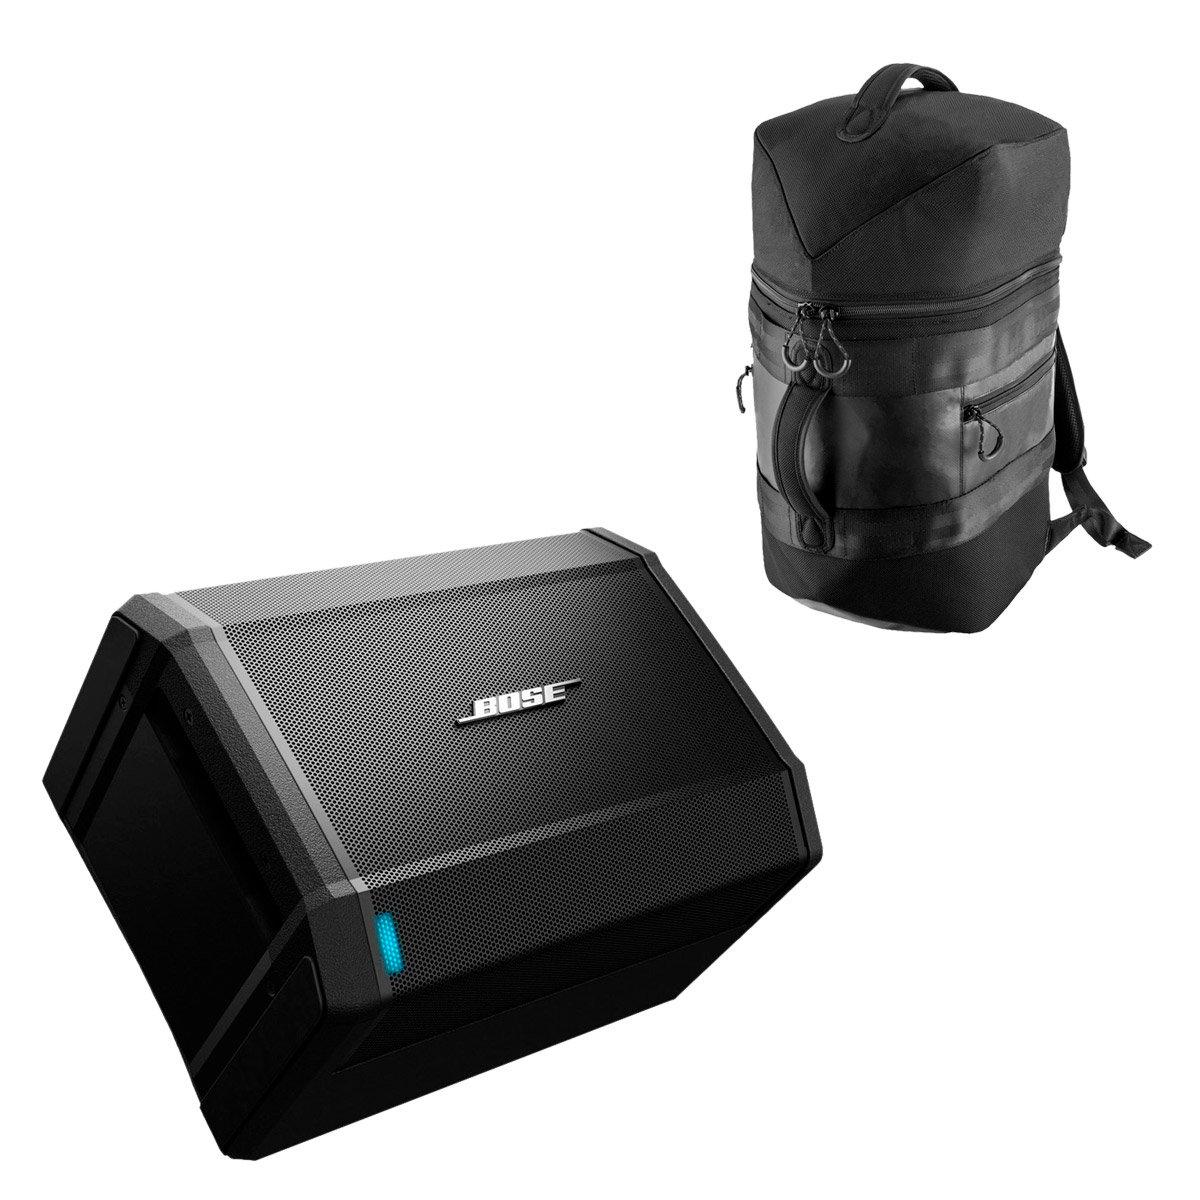 Pack enceinte de sonorisation active Bose S1 Pro + sac à dos